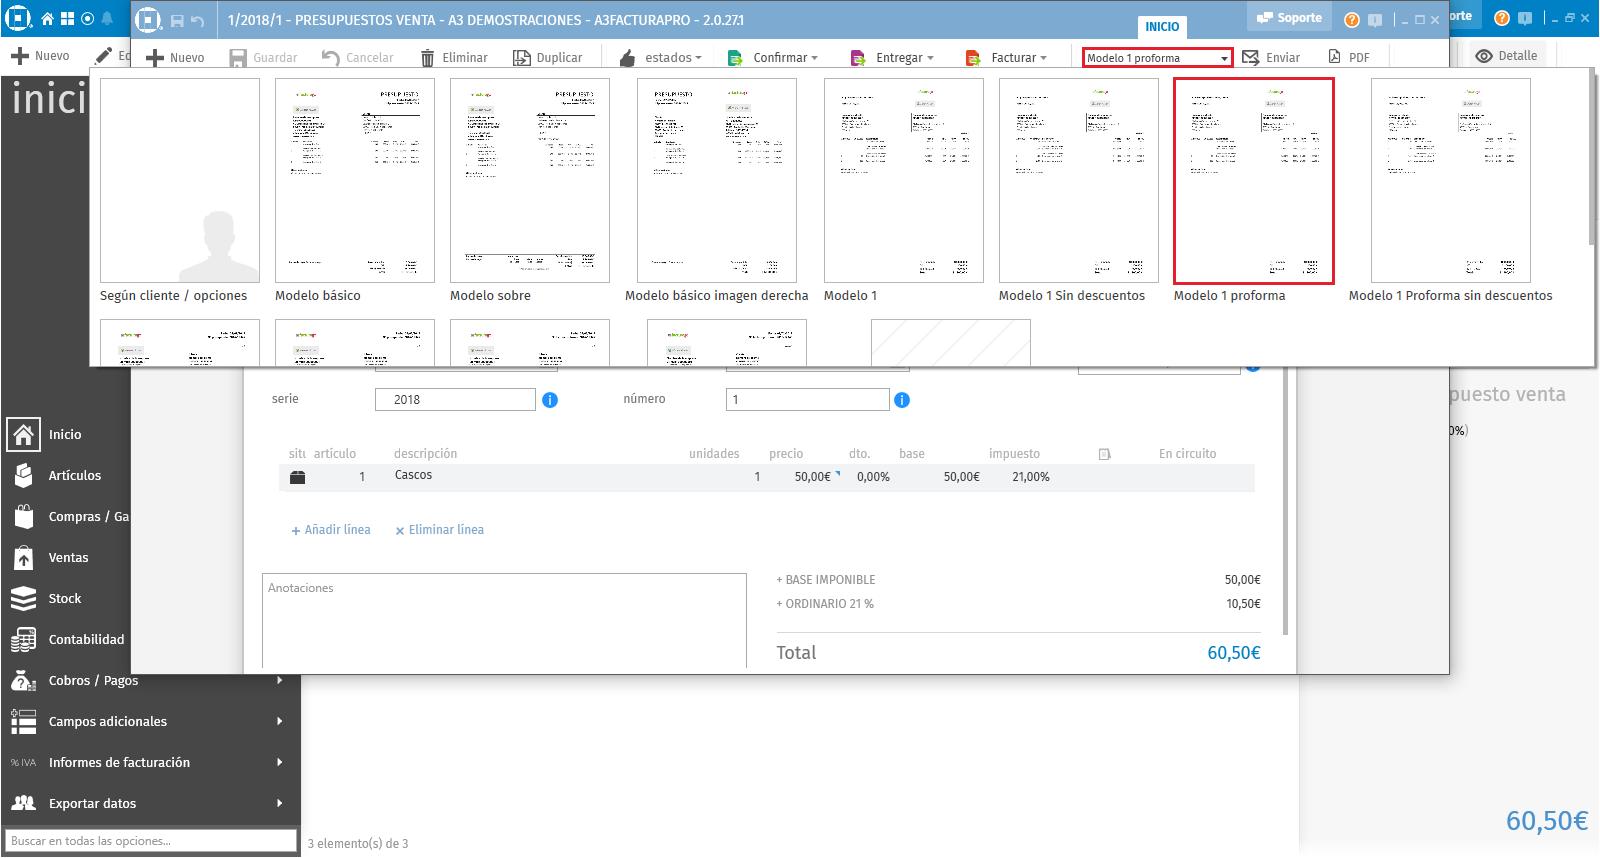 Modelos factura proforma que facilita la aplicación